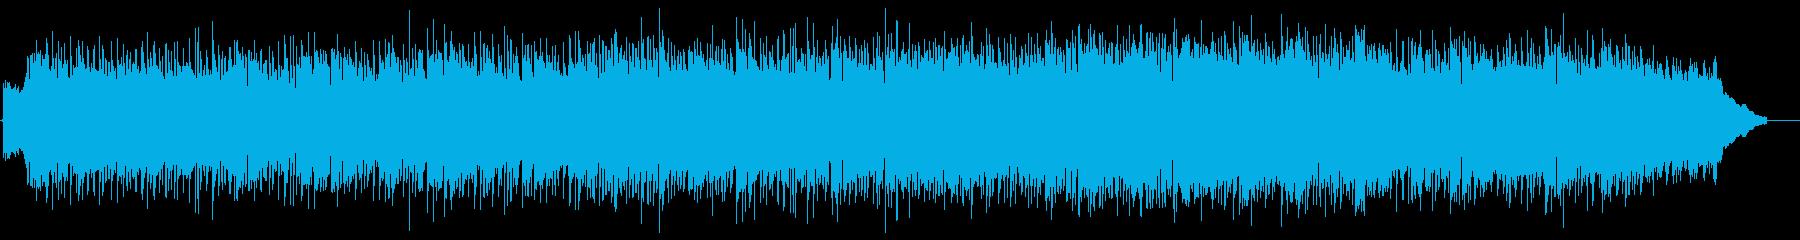 現代のオルタナティブフィールTVプ...の再生済みの波形